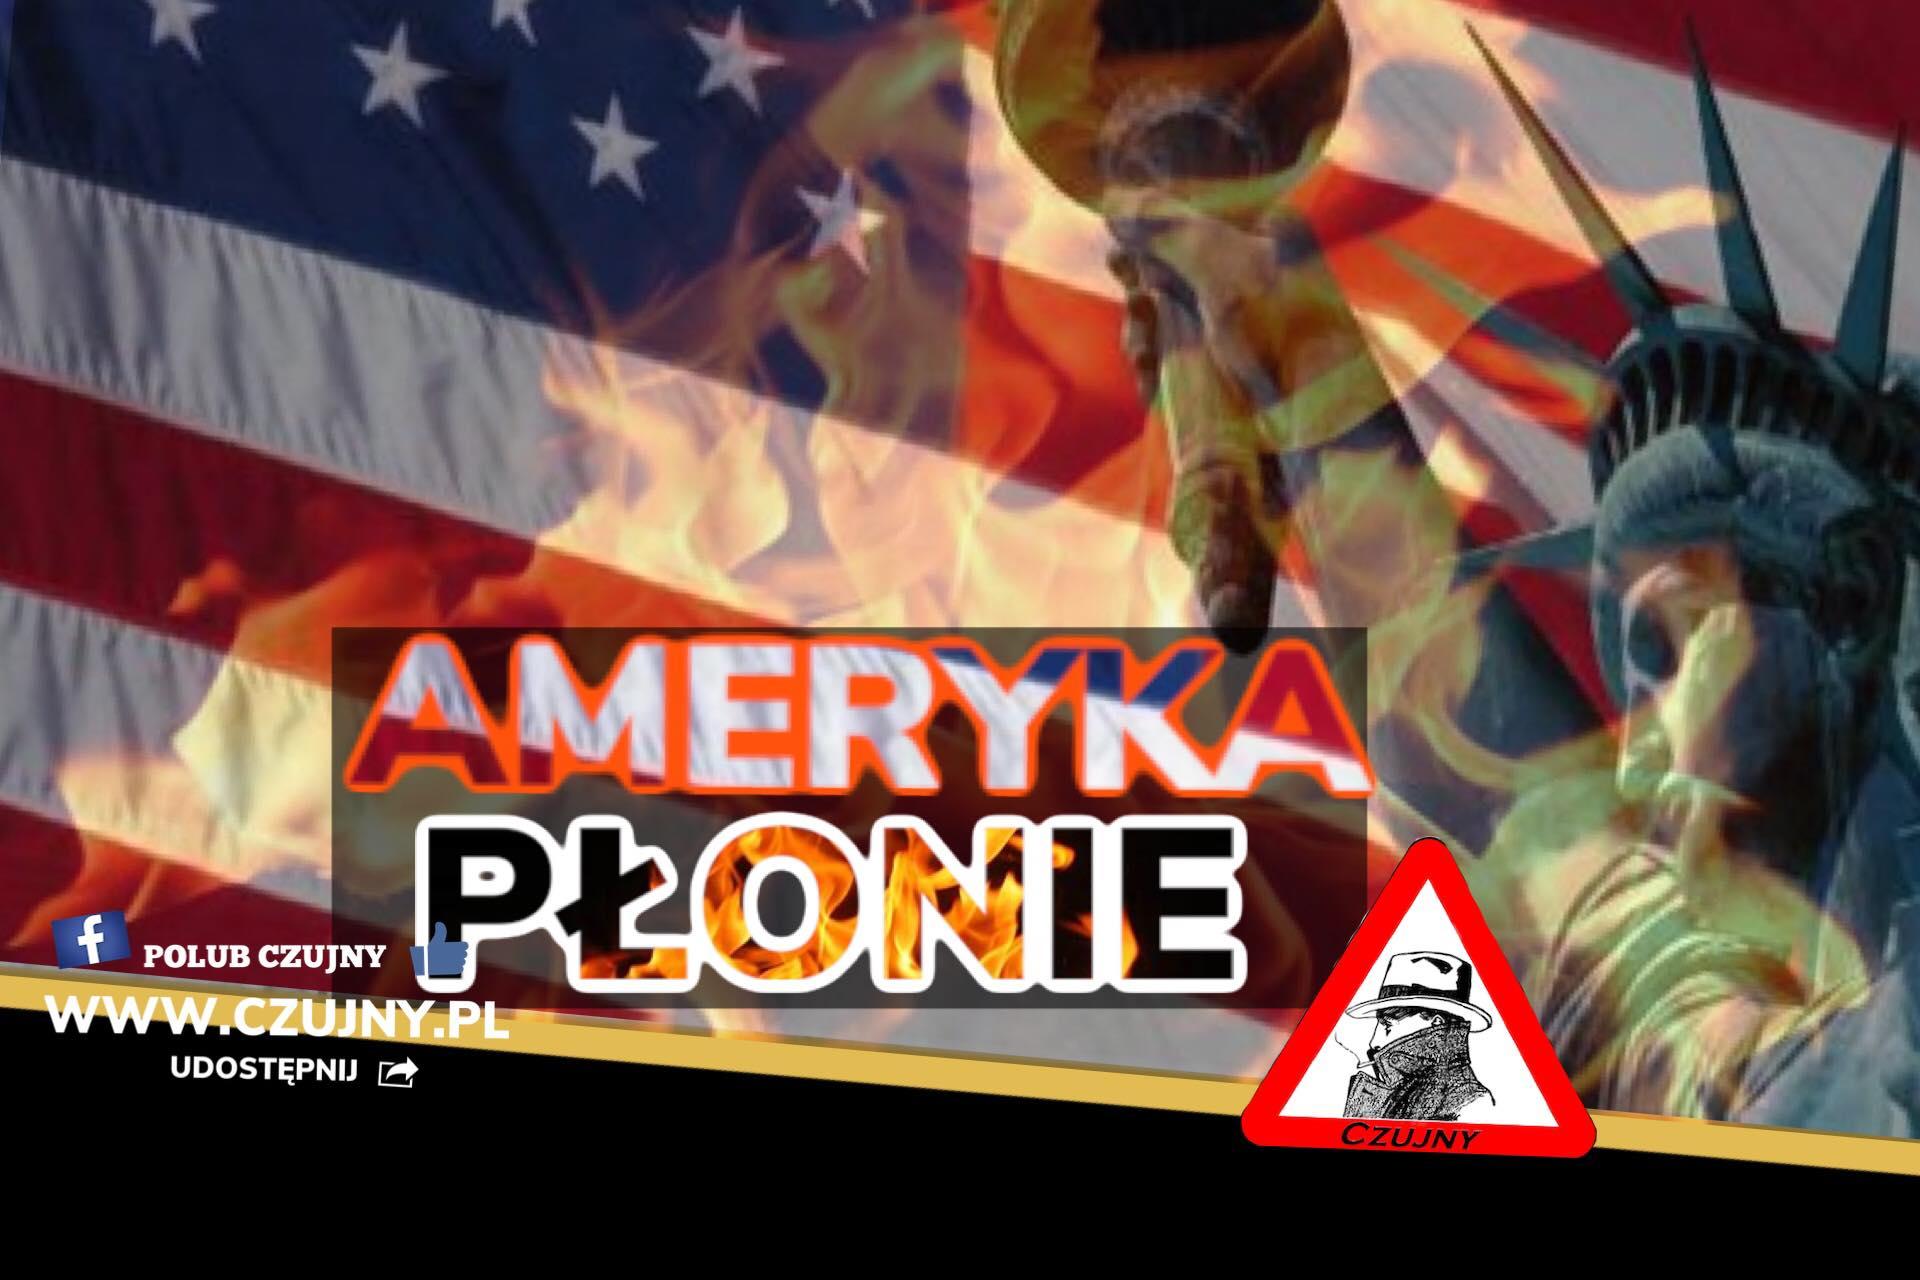 USA w ogniu!